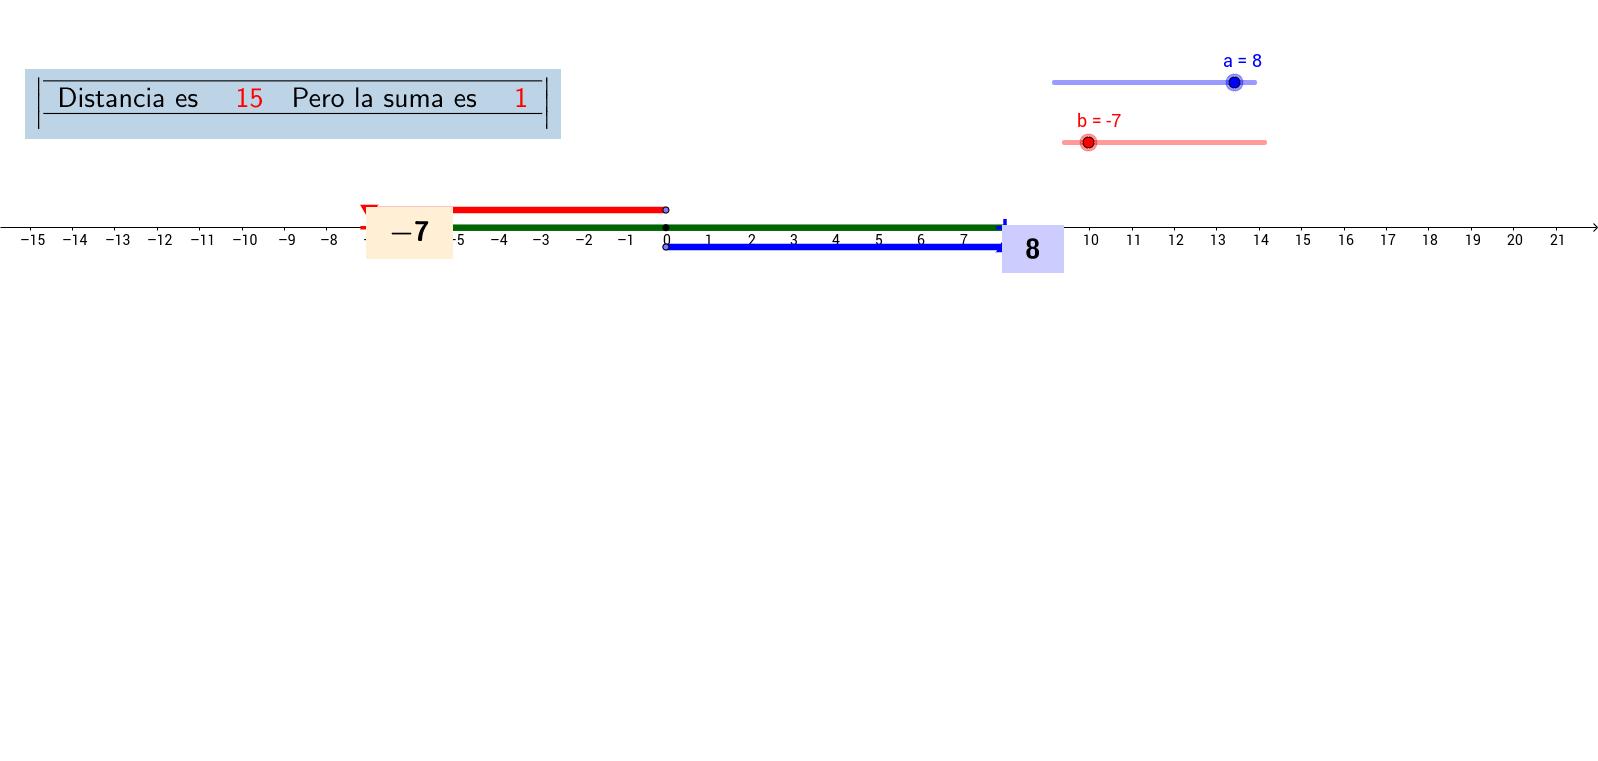 Suma y distancia entre valores enteros de la recta numérica